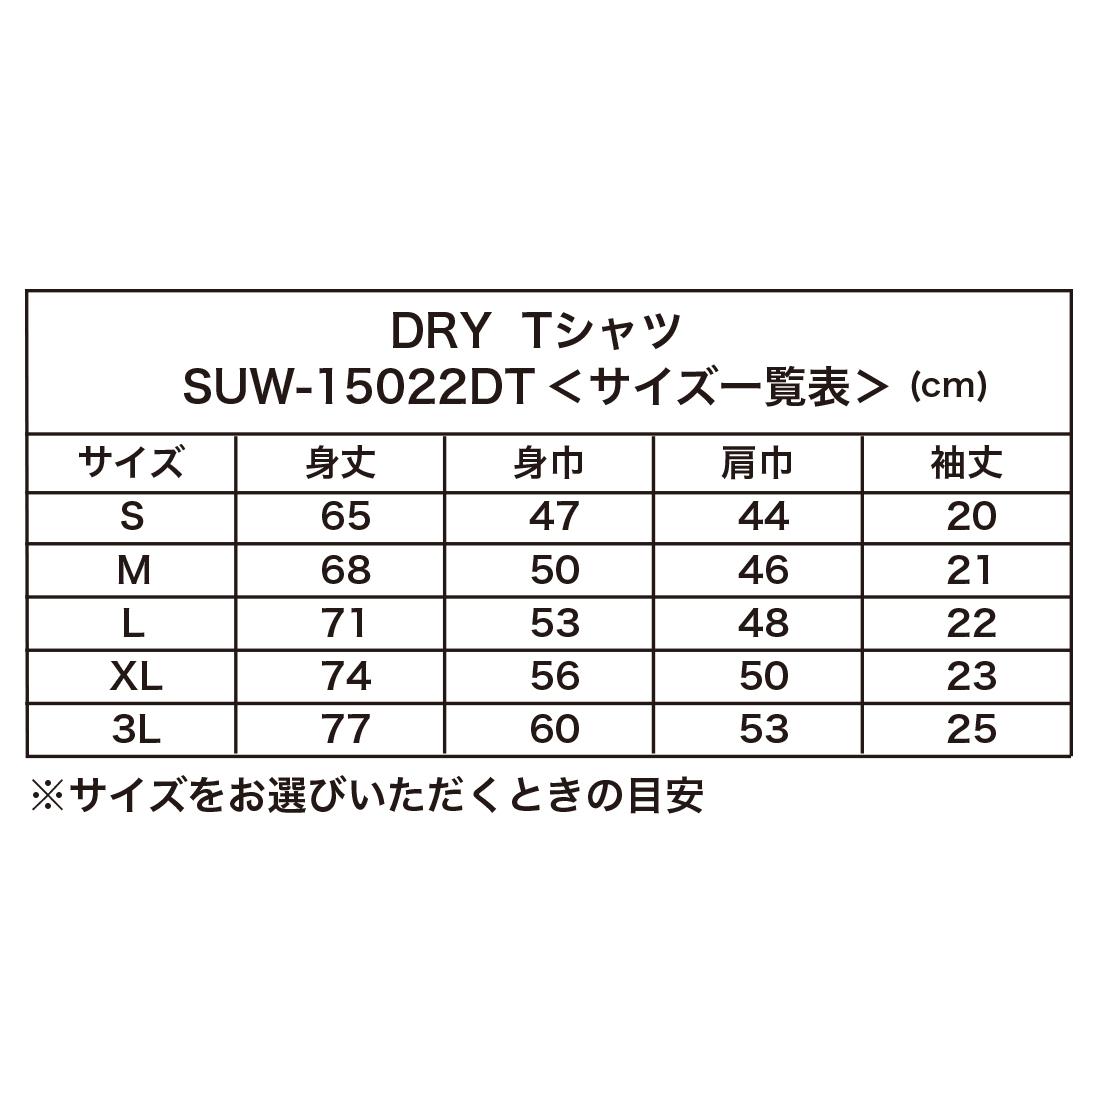 DRY Tシャツ SUW−15022DT